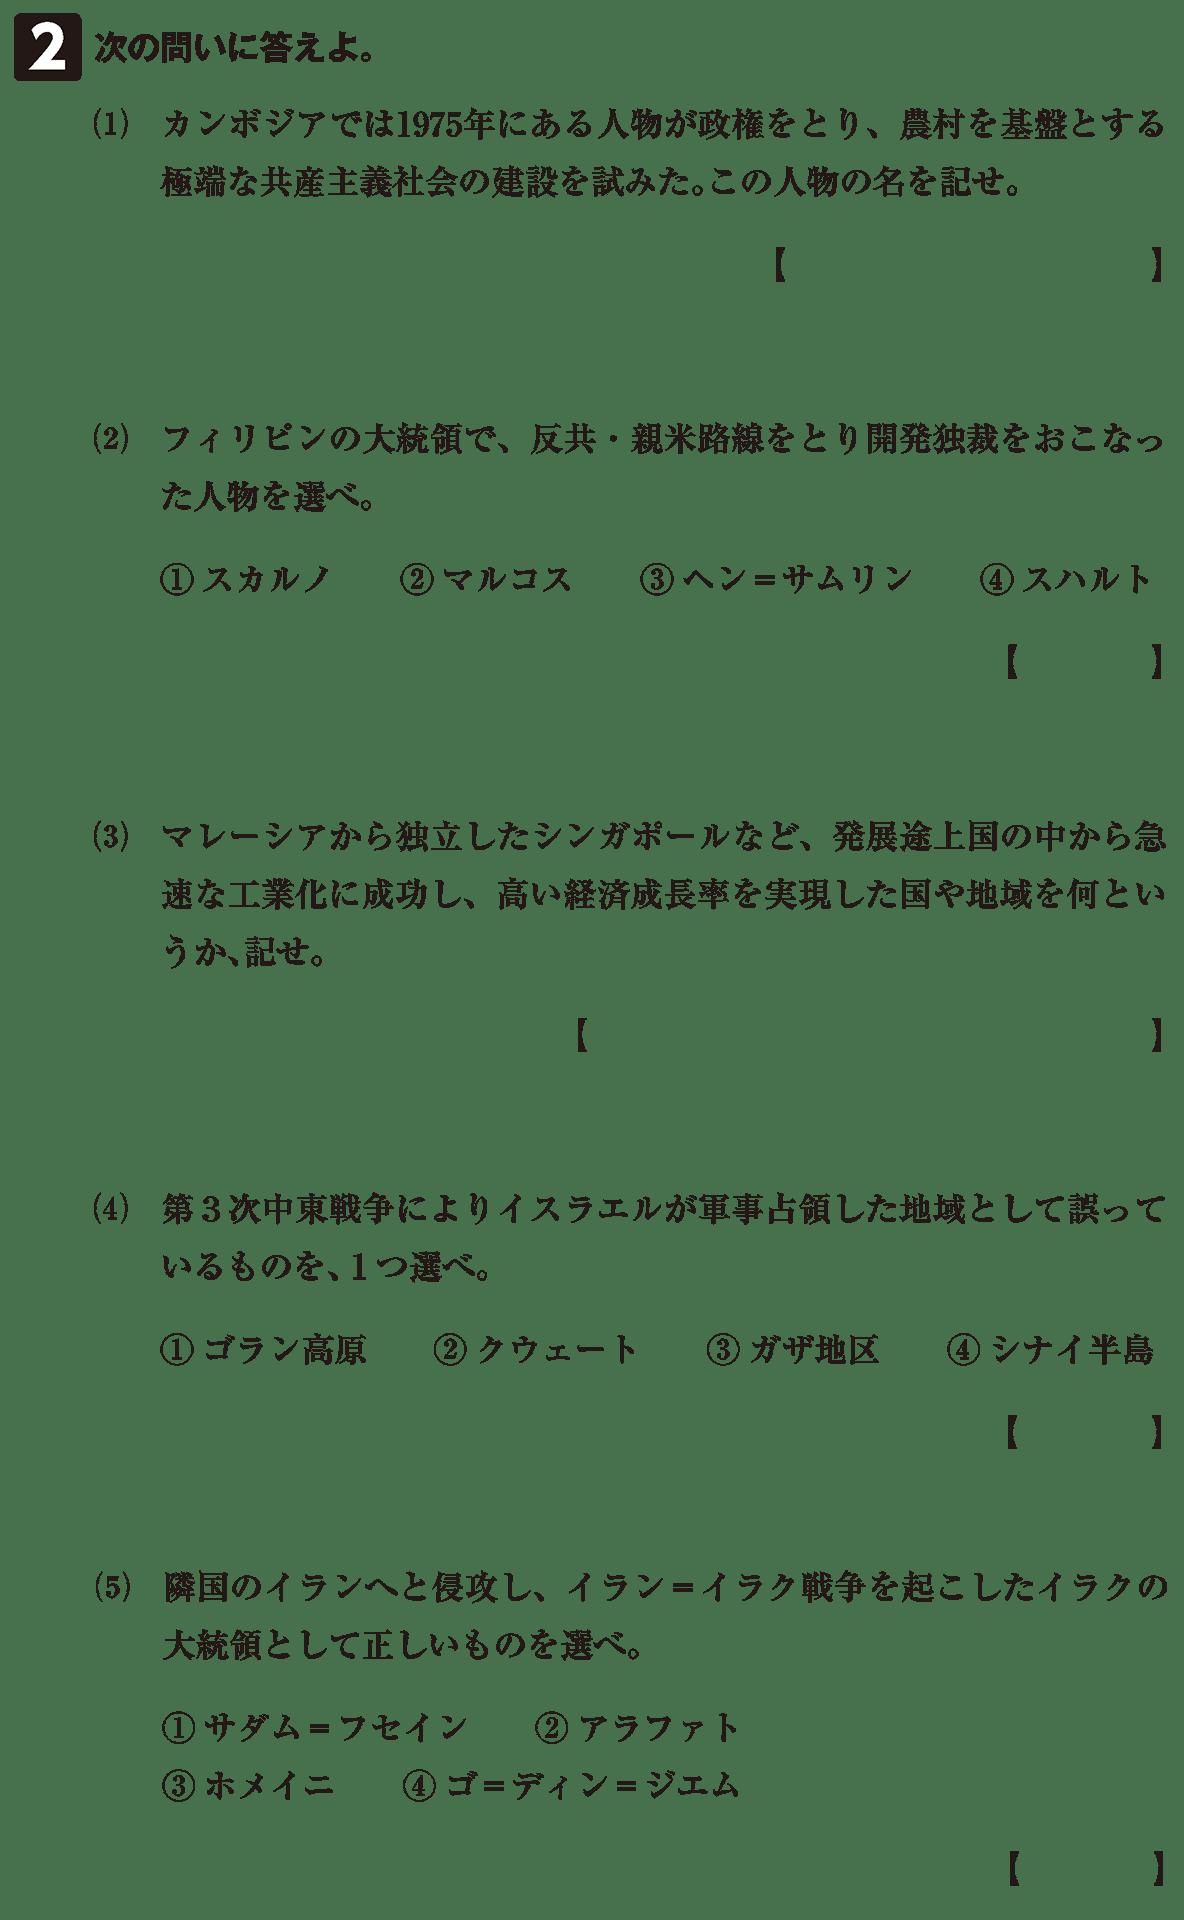 アジア諸地域の紛争8 確認テスト(後半)